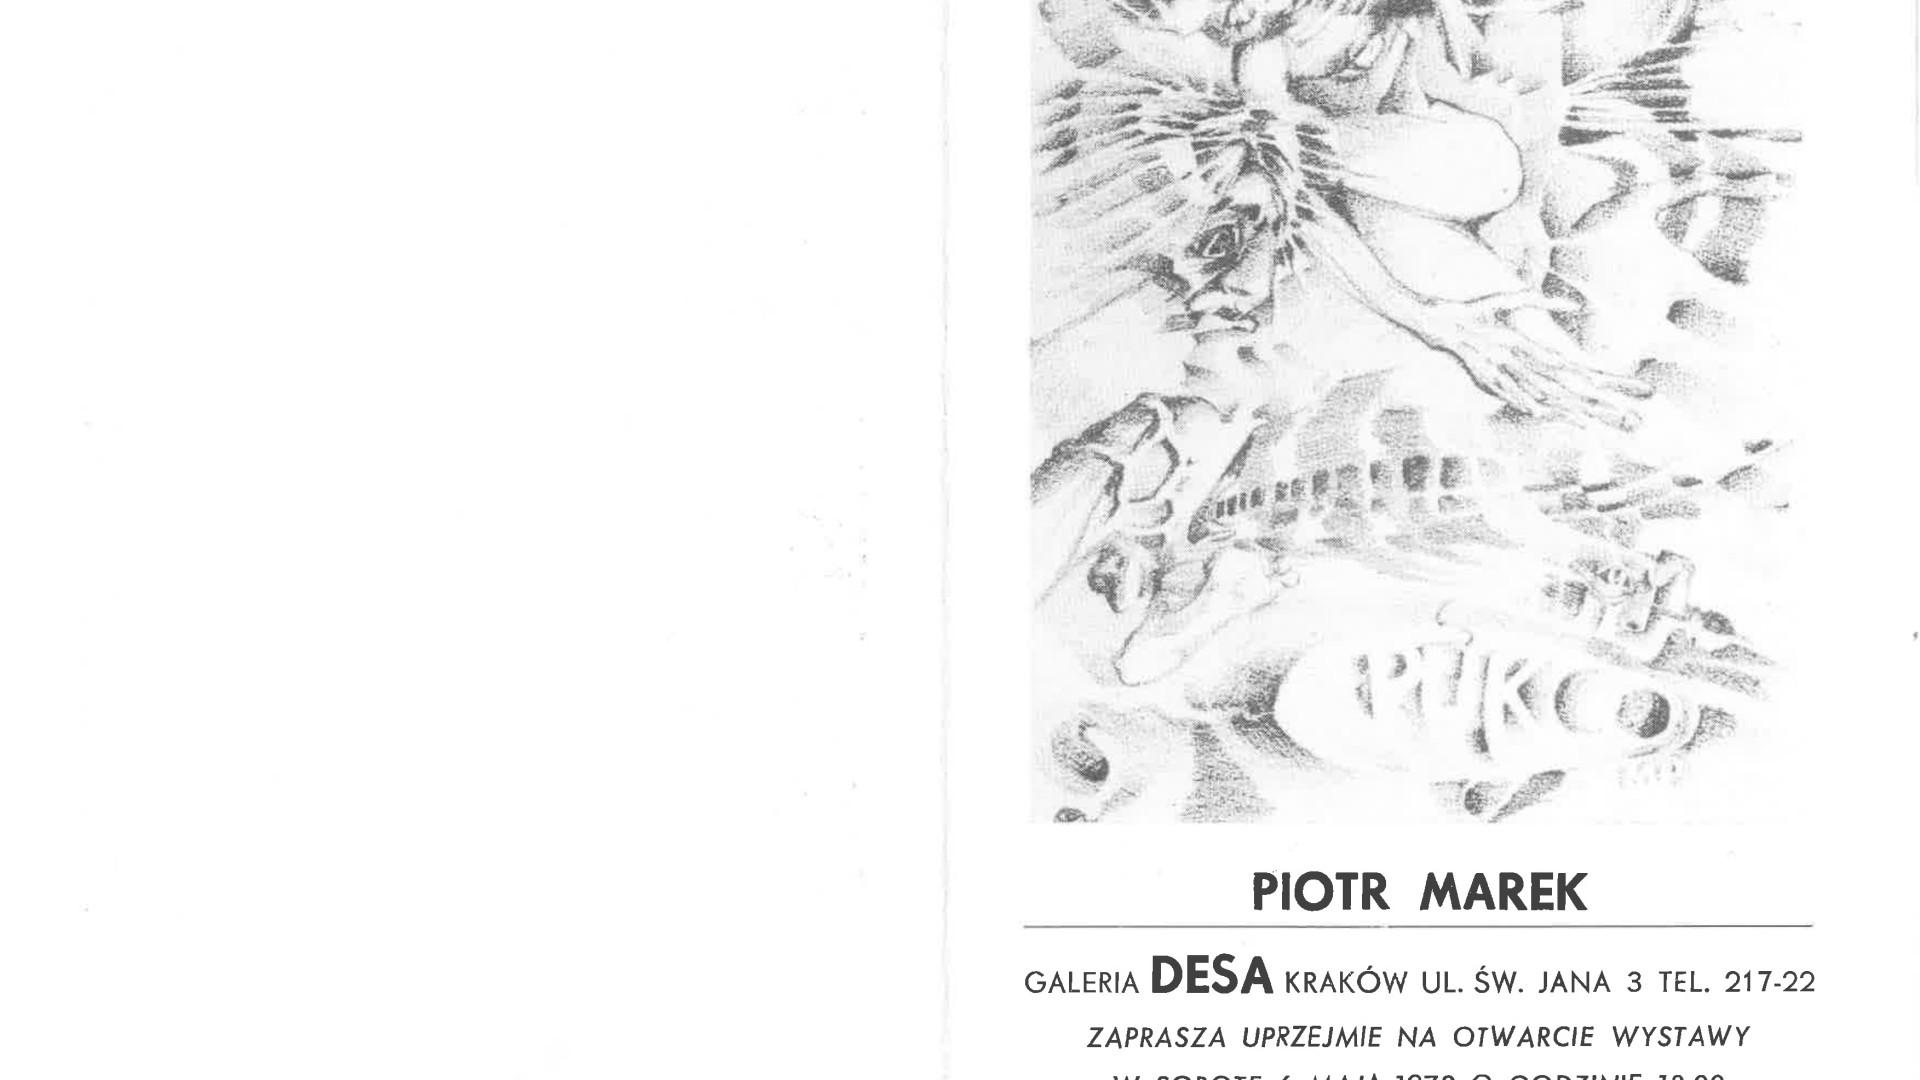 pio-katalog-desa-1-4